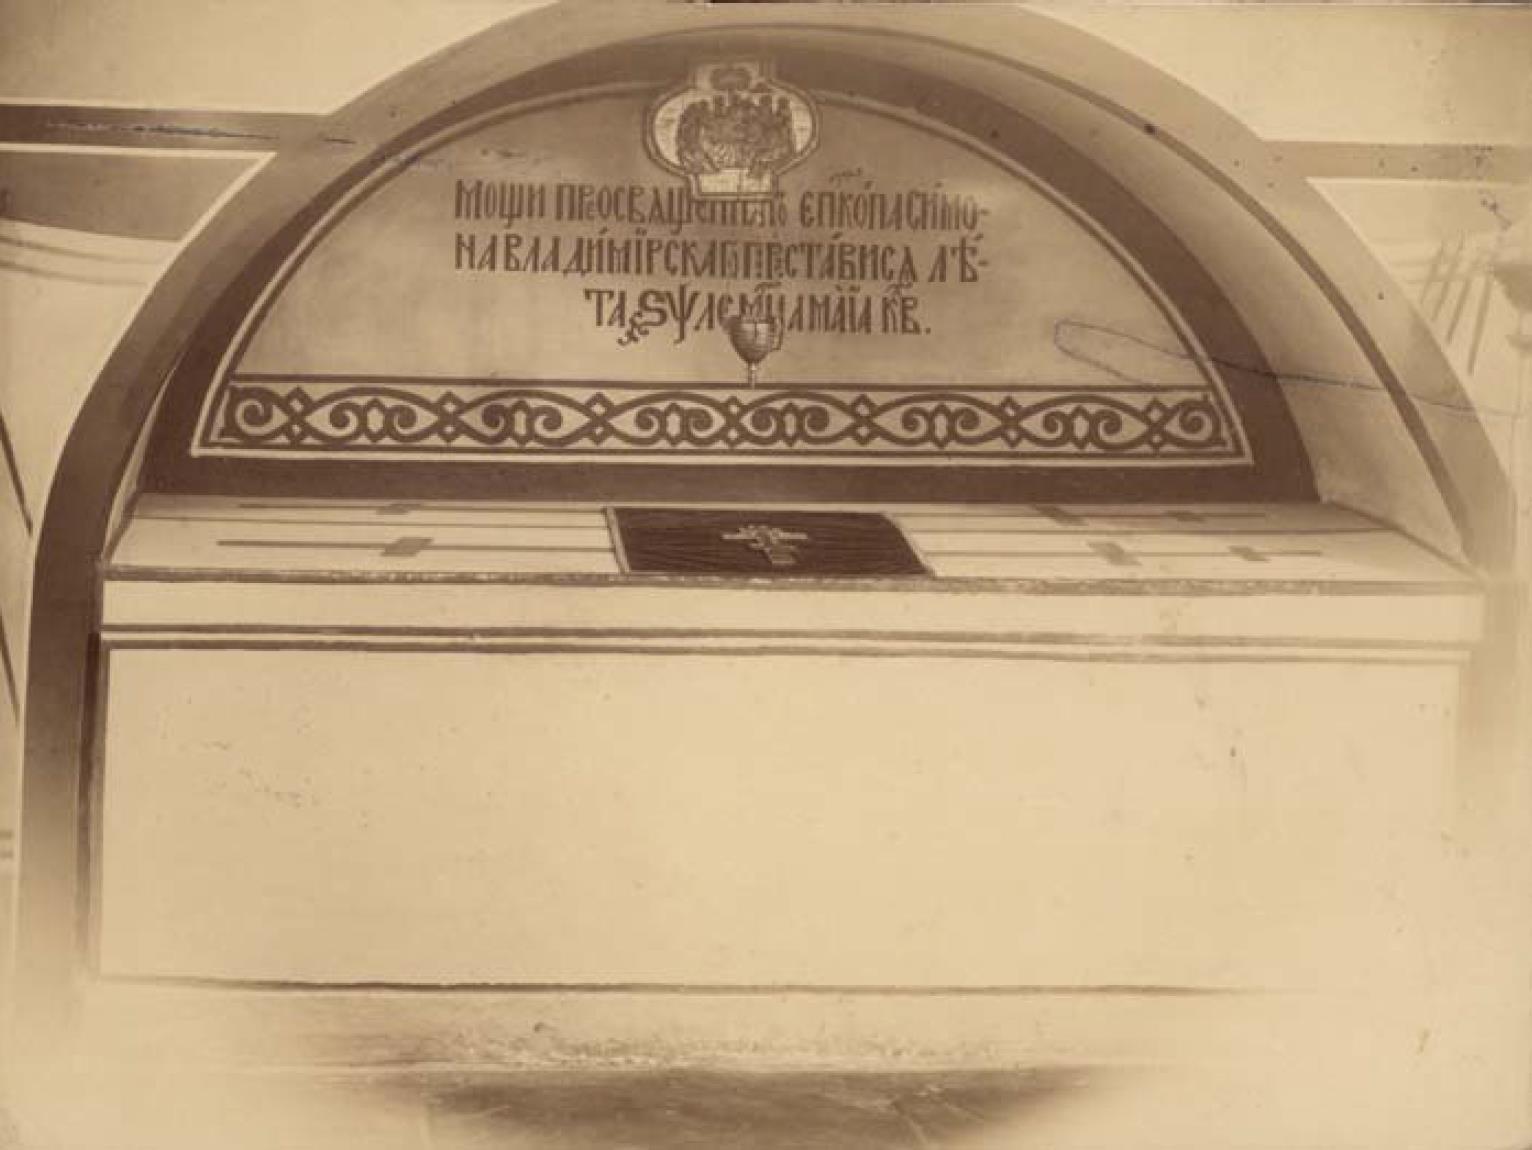 09. Гробница епископа Симона в южной галерее. Аркосолий южной стены (второй от портала) с прямоугольной белокаменной гробницей под плоской крышкой, на цоколе. Зборомирский И.М. 1889–1890